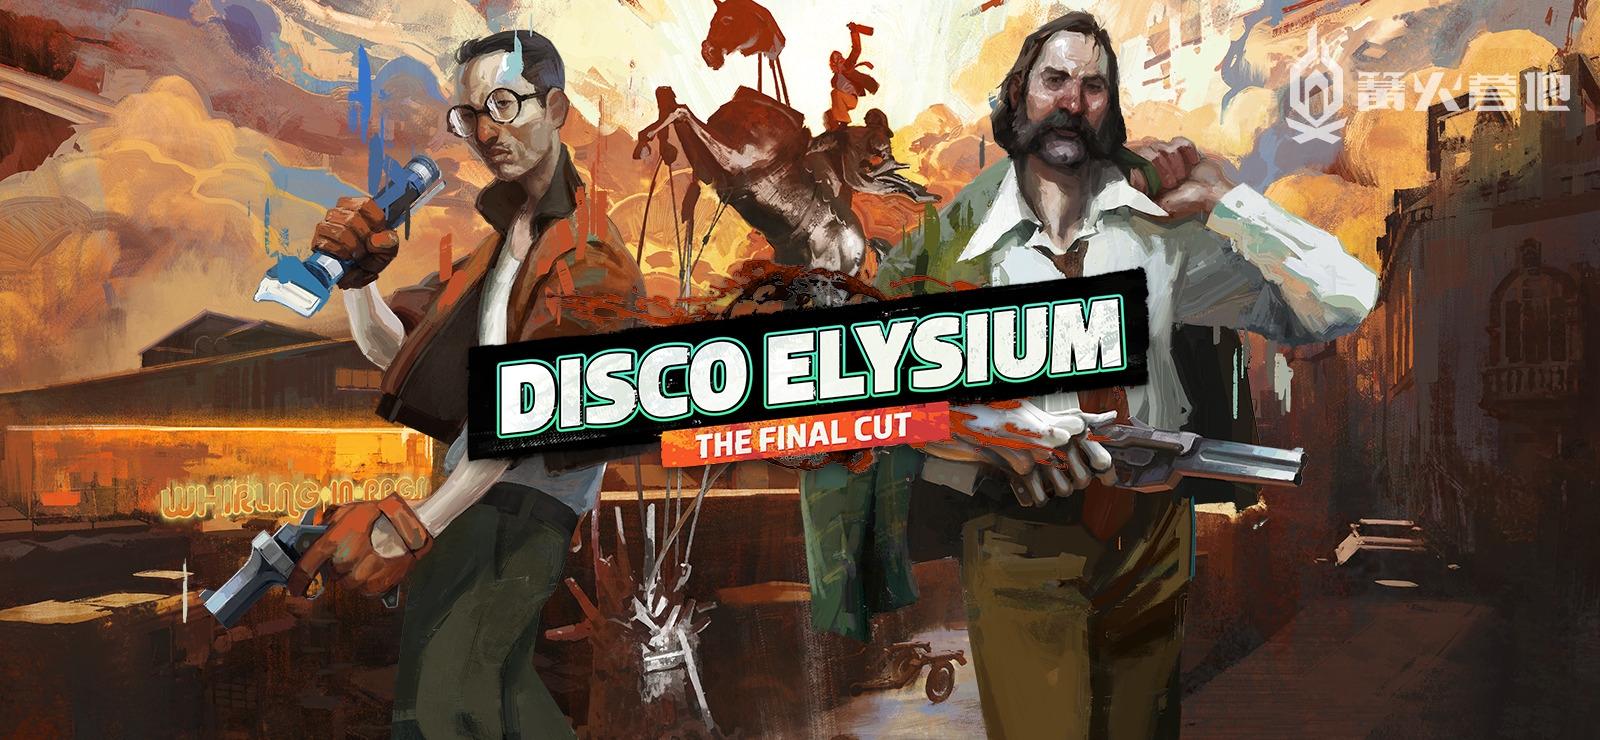 《极乐迪斯科 最终剪辑版》下个月将登陆 Xbox 平台